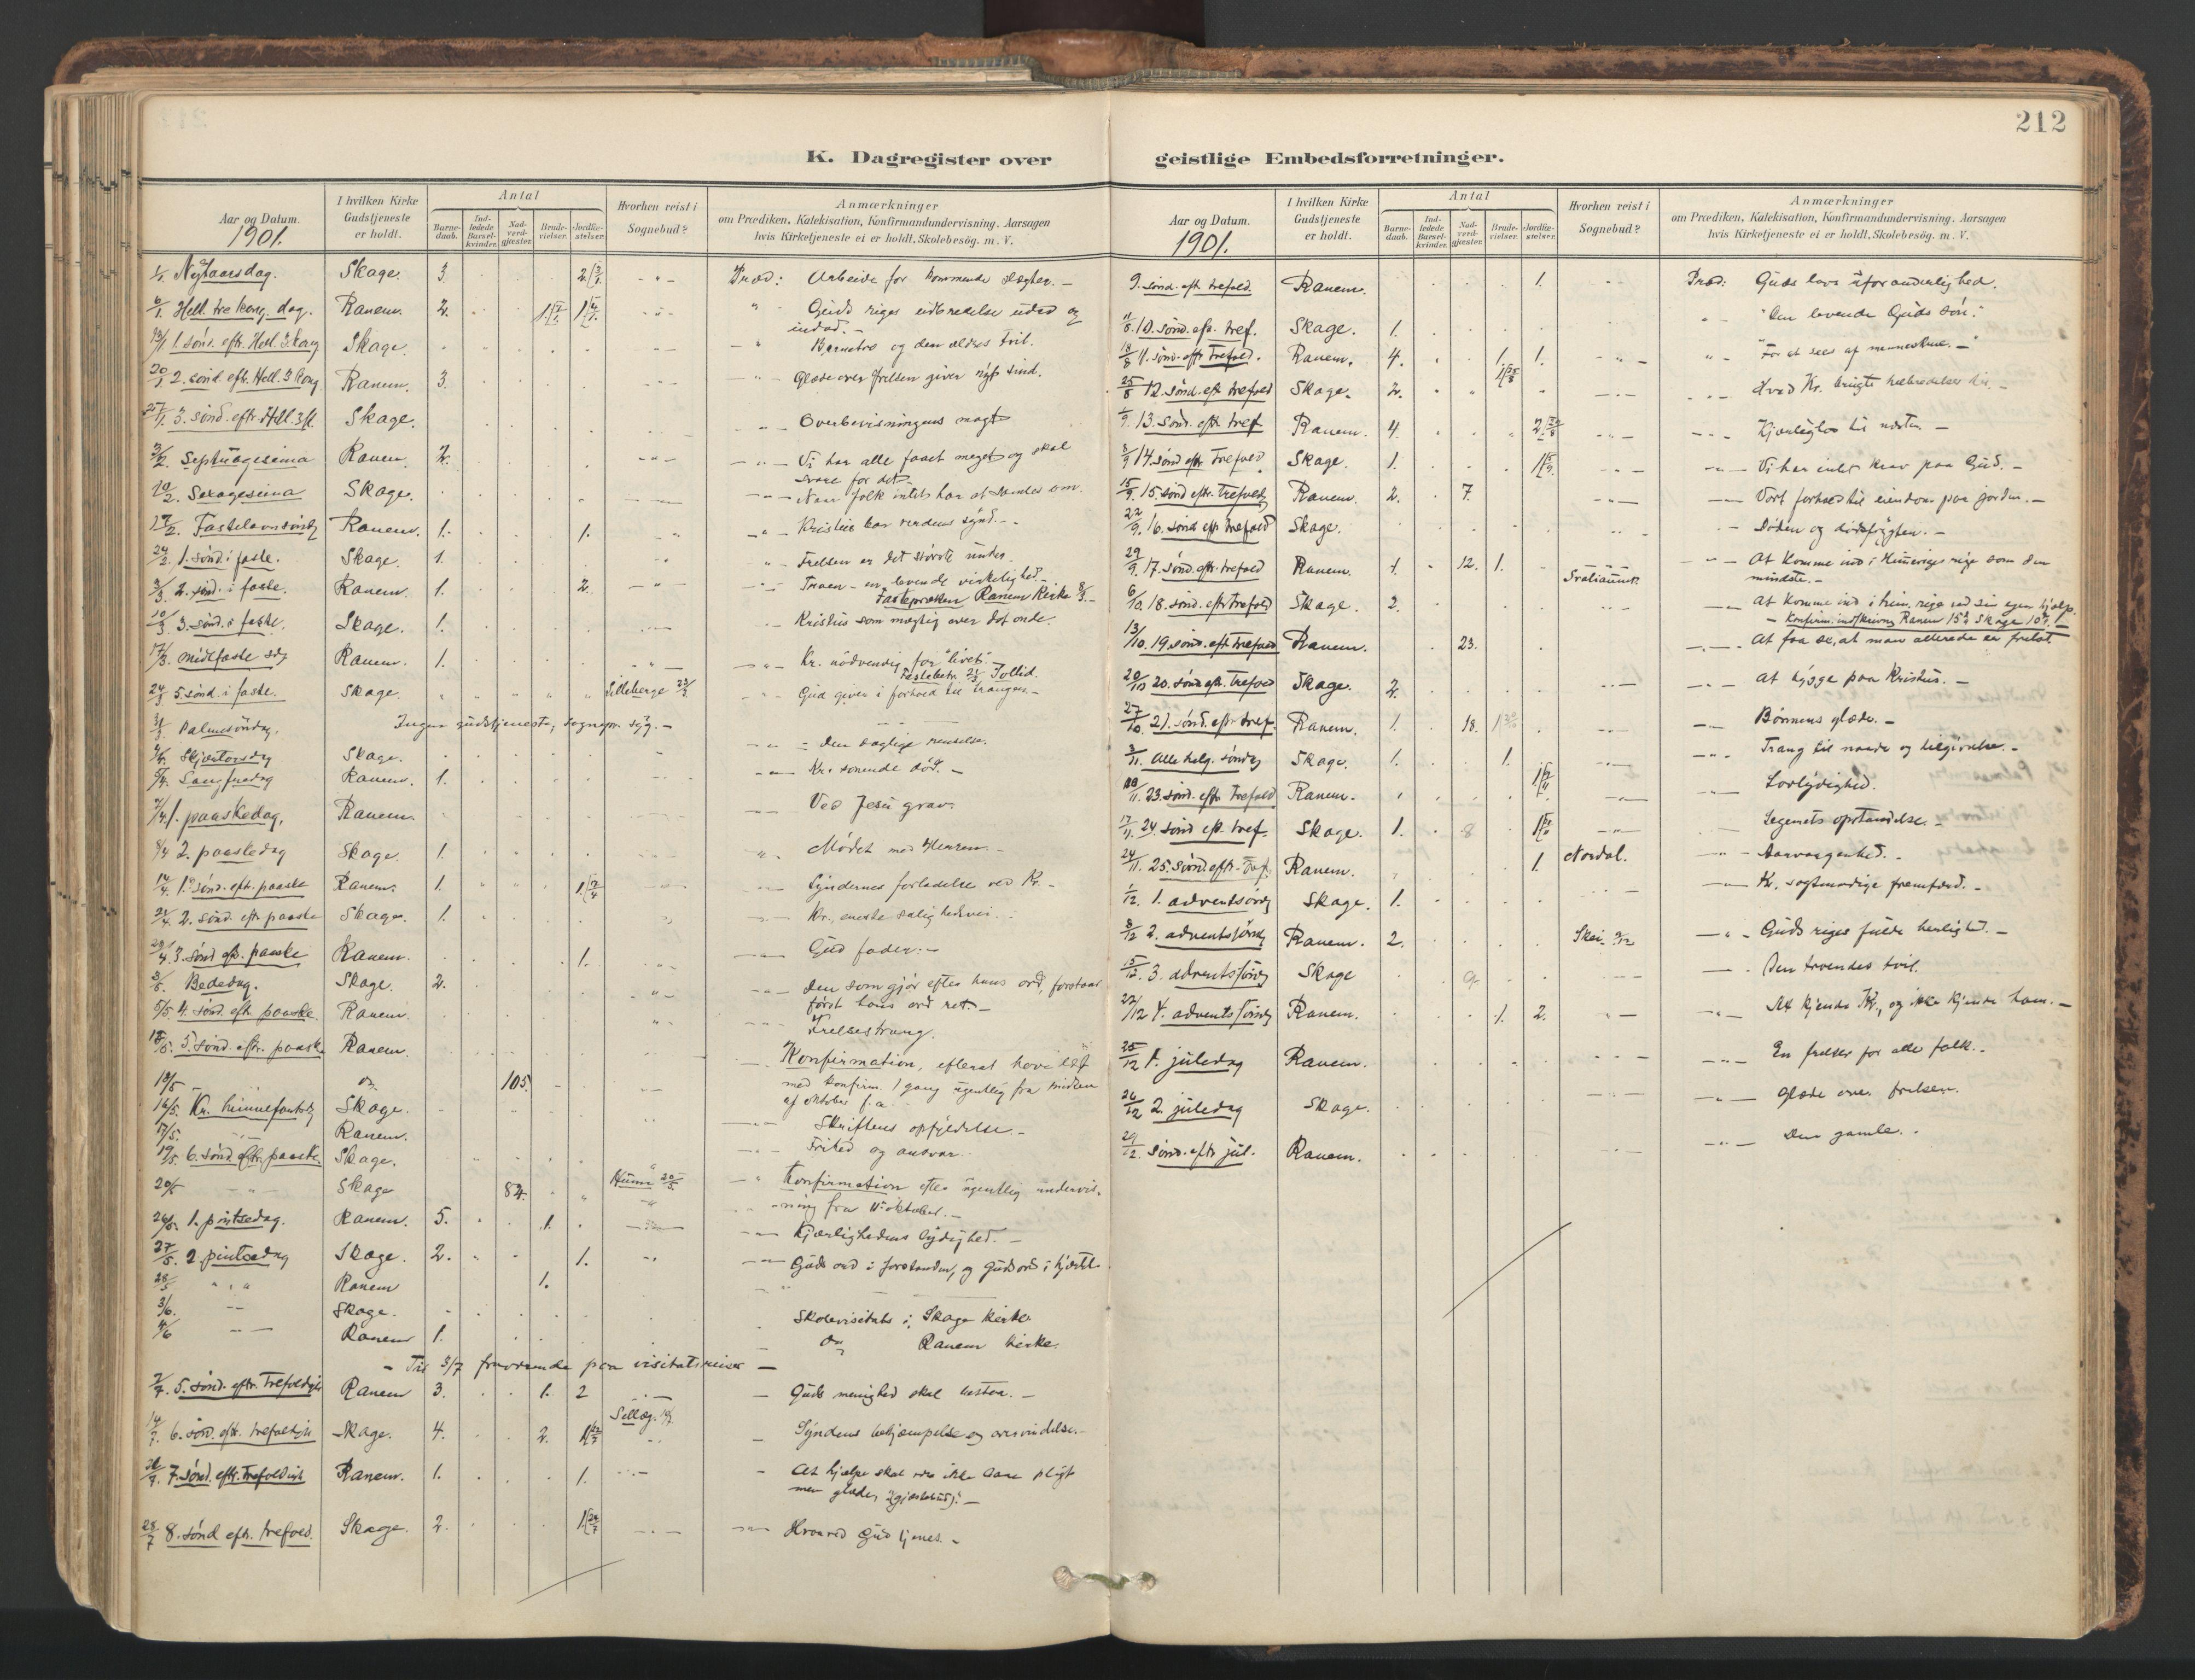 SAT, Ministerialprotokoller, klokkerbøker og fødselsregistre - Nord-Trøndelag, 764/L0556: Ministerialbok nr. 764A11, 1897-1924, s. 212